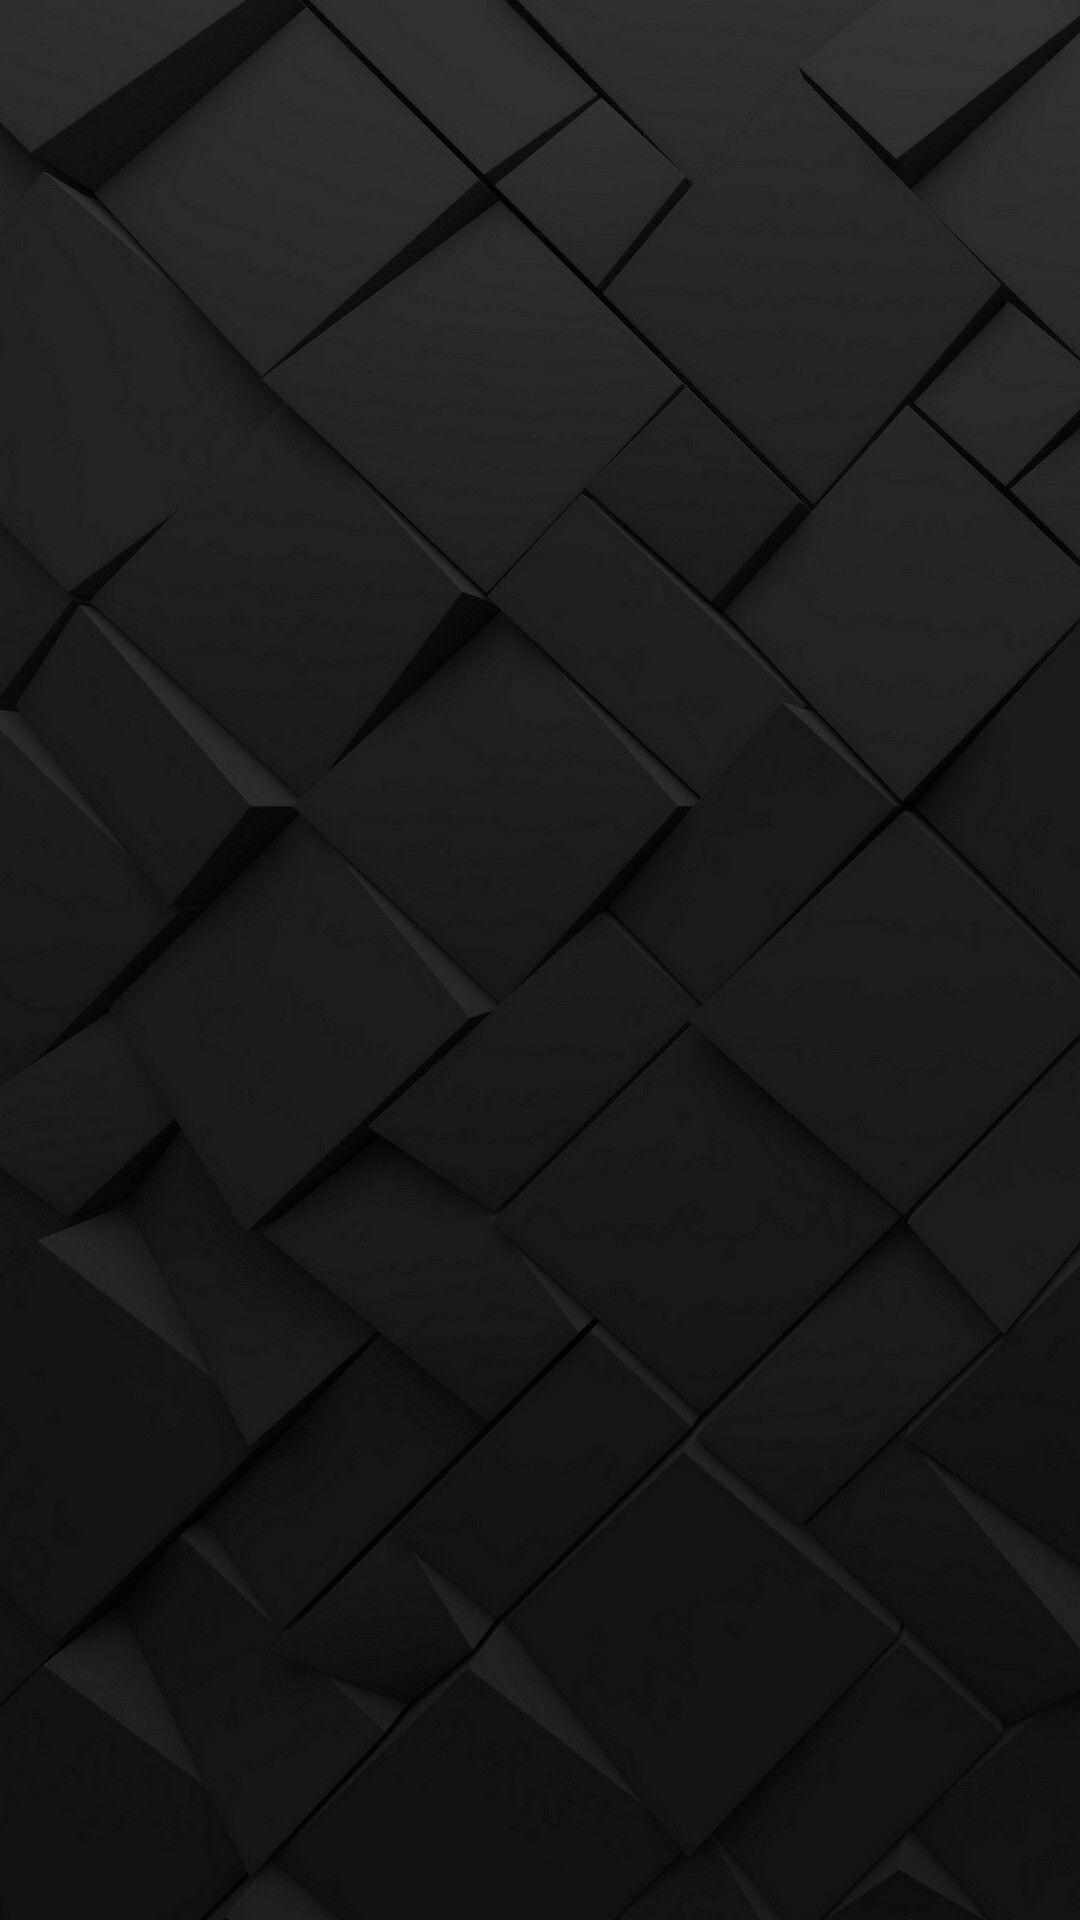 Black Wallpaper Hd Mobile